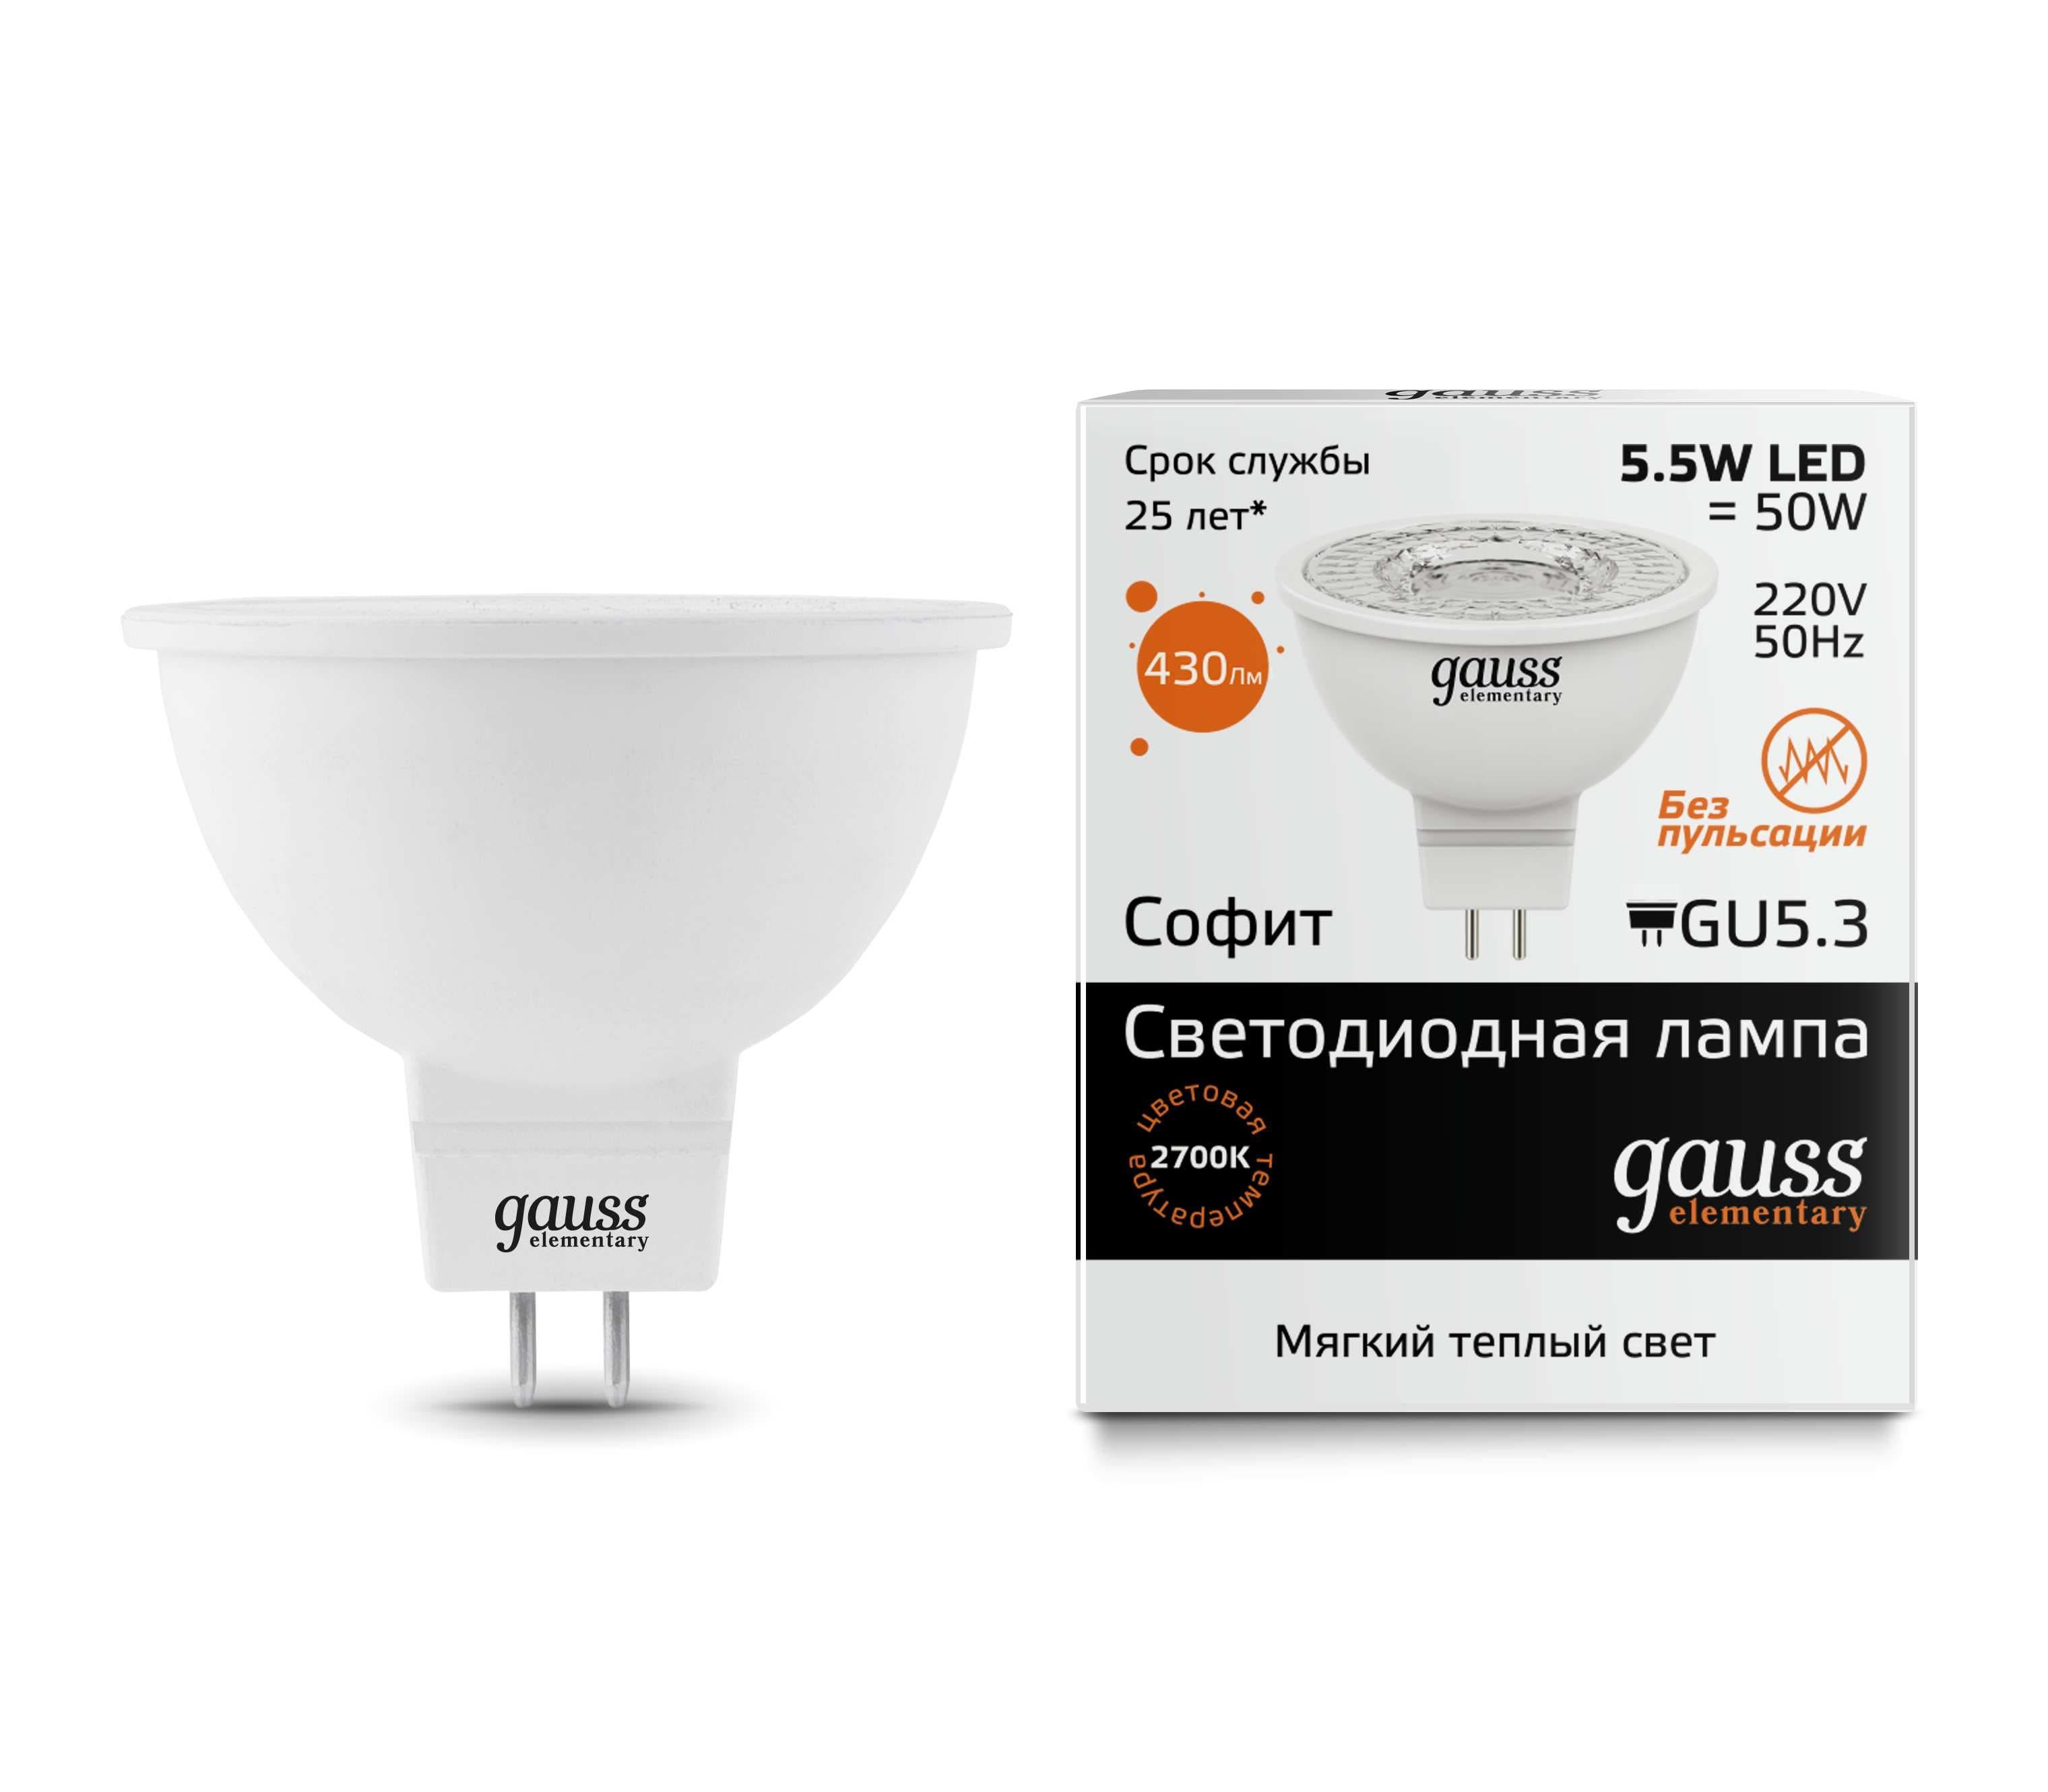 Светодиодная лампа Gauss 16516 MR16 GU5.3 5,5W, 2700K (теплый) 220V, гарантия 2 года - фото 1